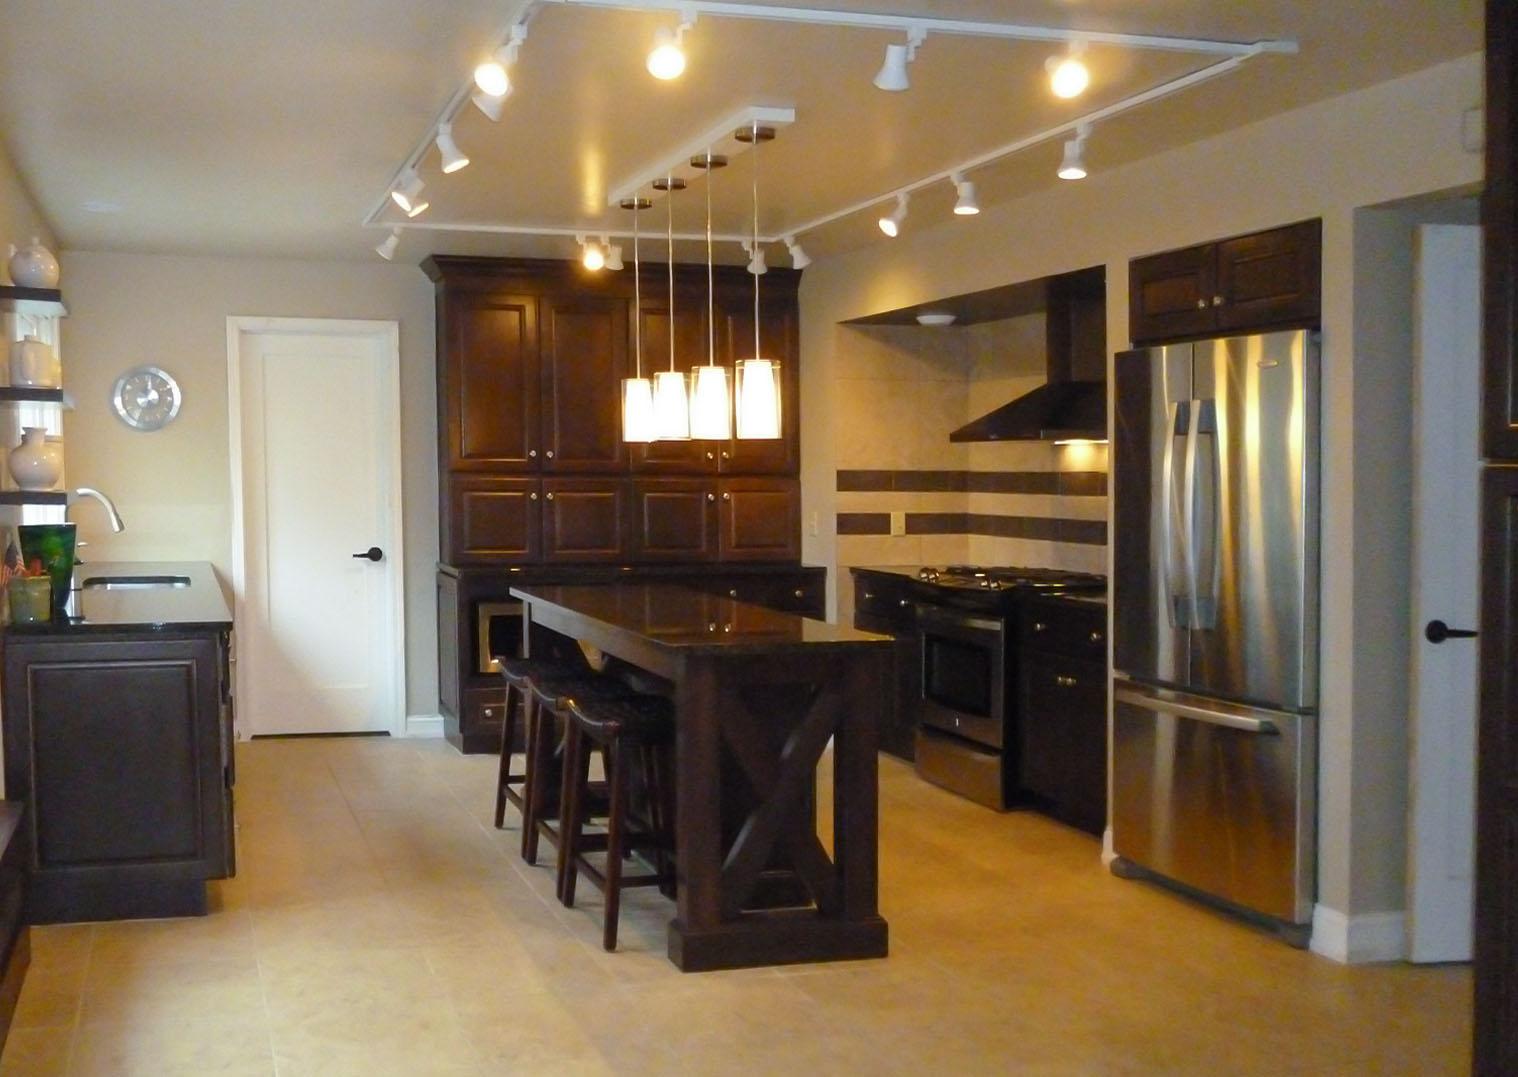 Westlake Kitchen Renovation Smith Architects Llc